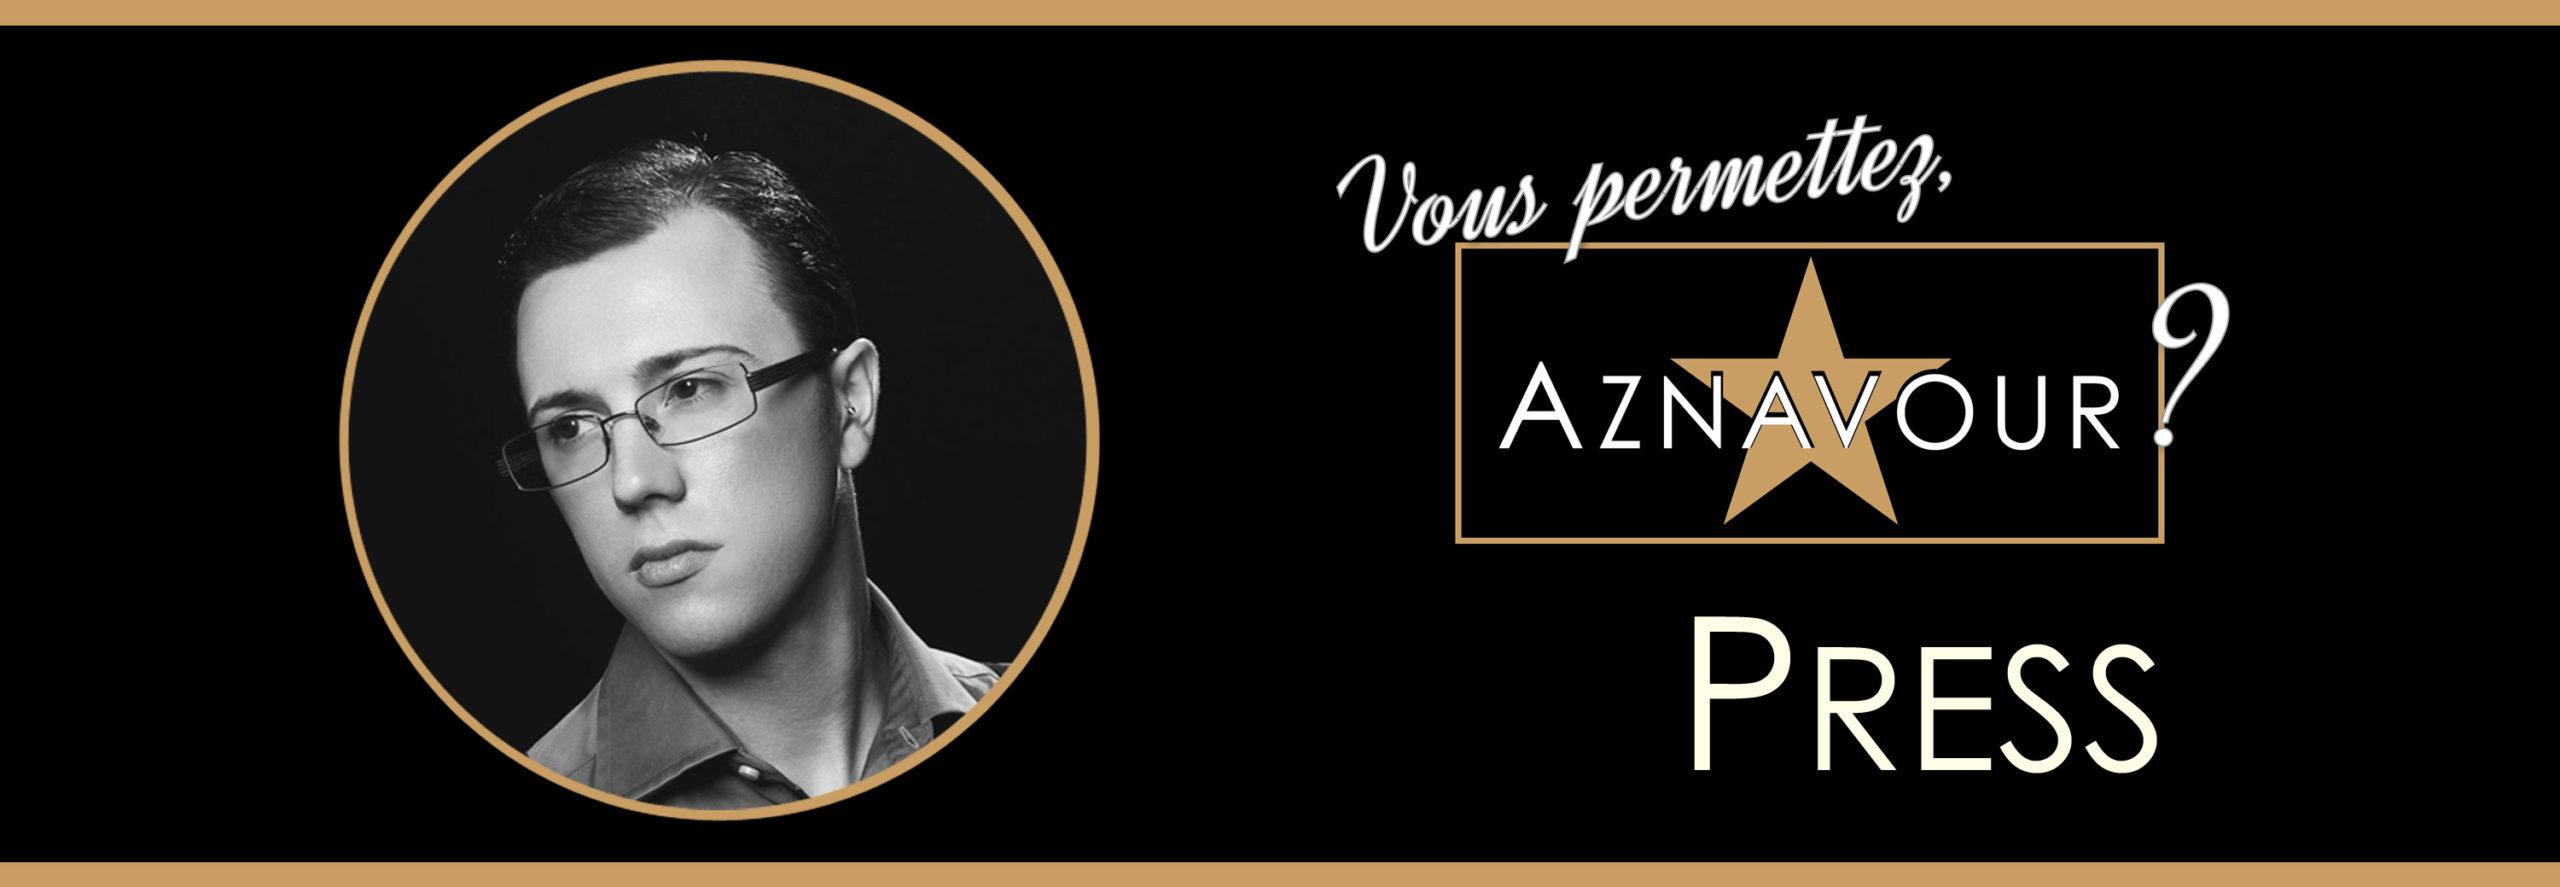 """Michelangelo Nari - Press - """"Vous permettez, Aznavour?"""""""